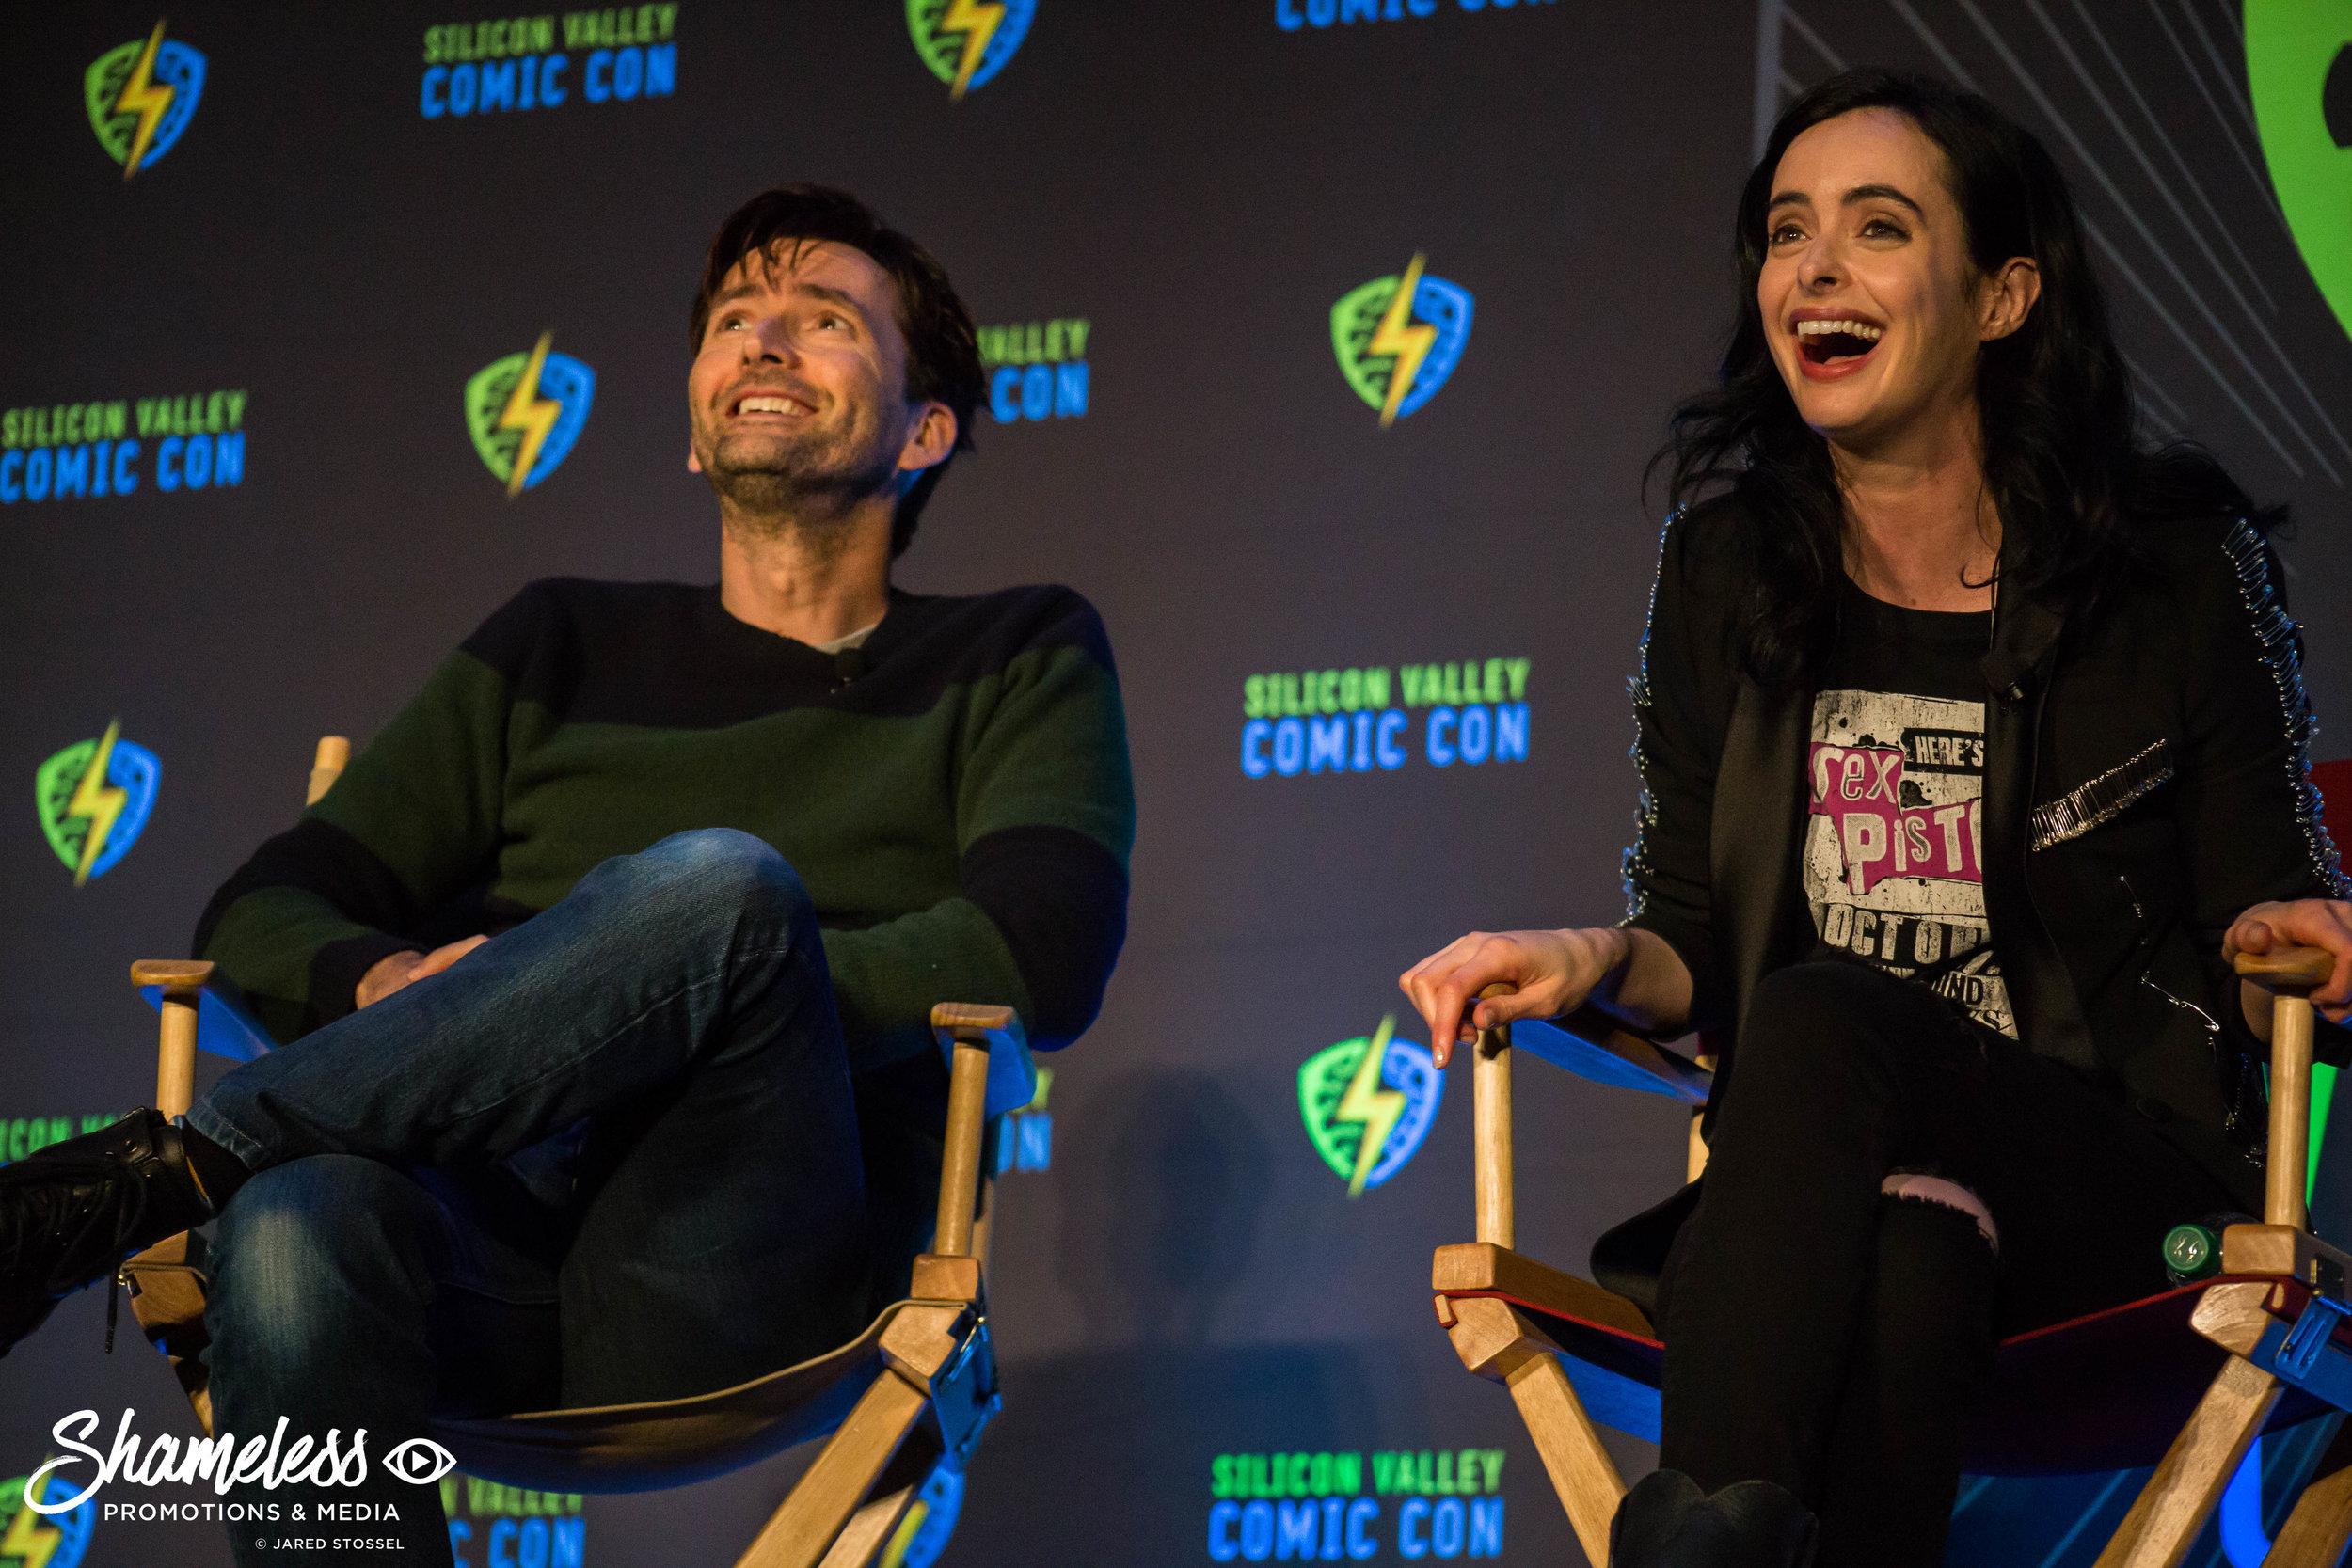 Silicon Valley Comic Con 2018 @ San Jose Convention Center: April 2018